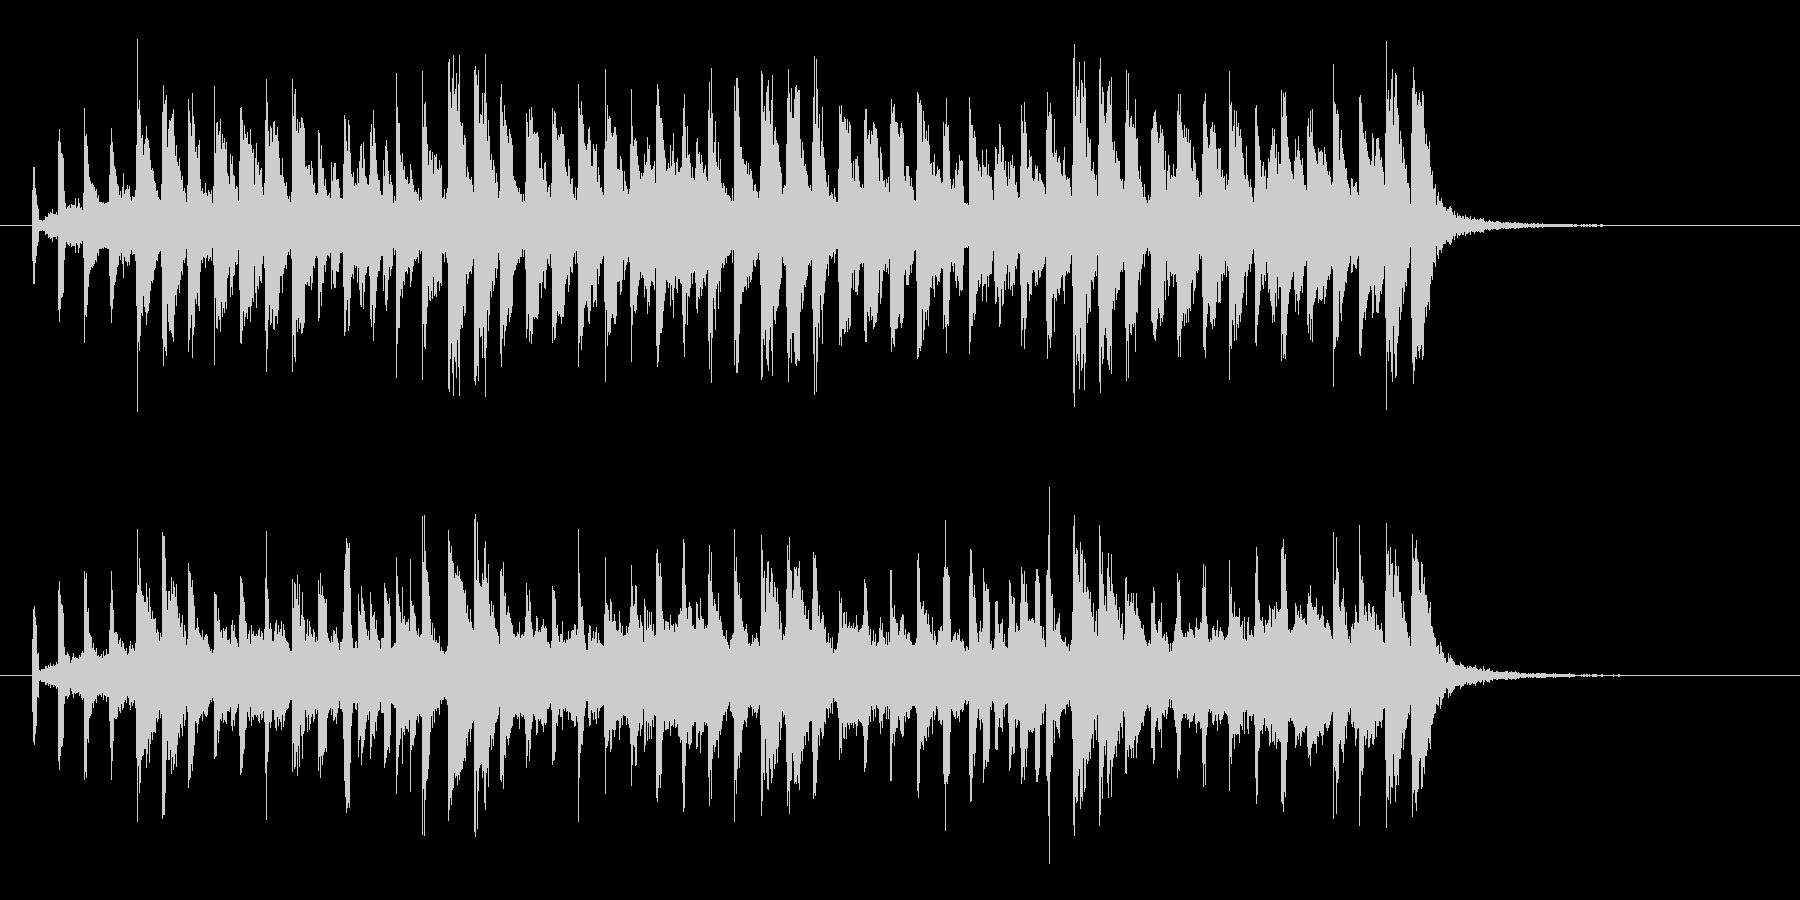 軽快なバンドによるポップスのジングルの未再生の波形